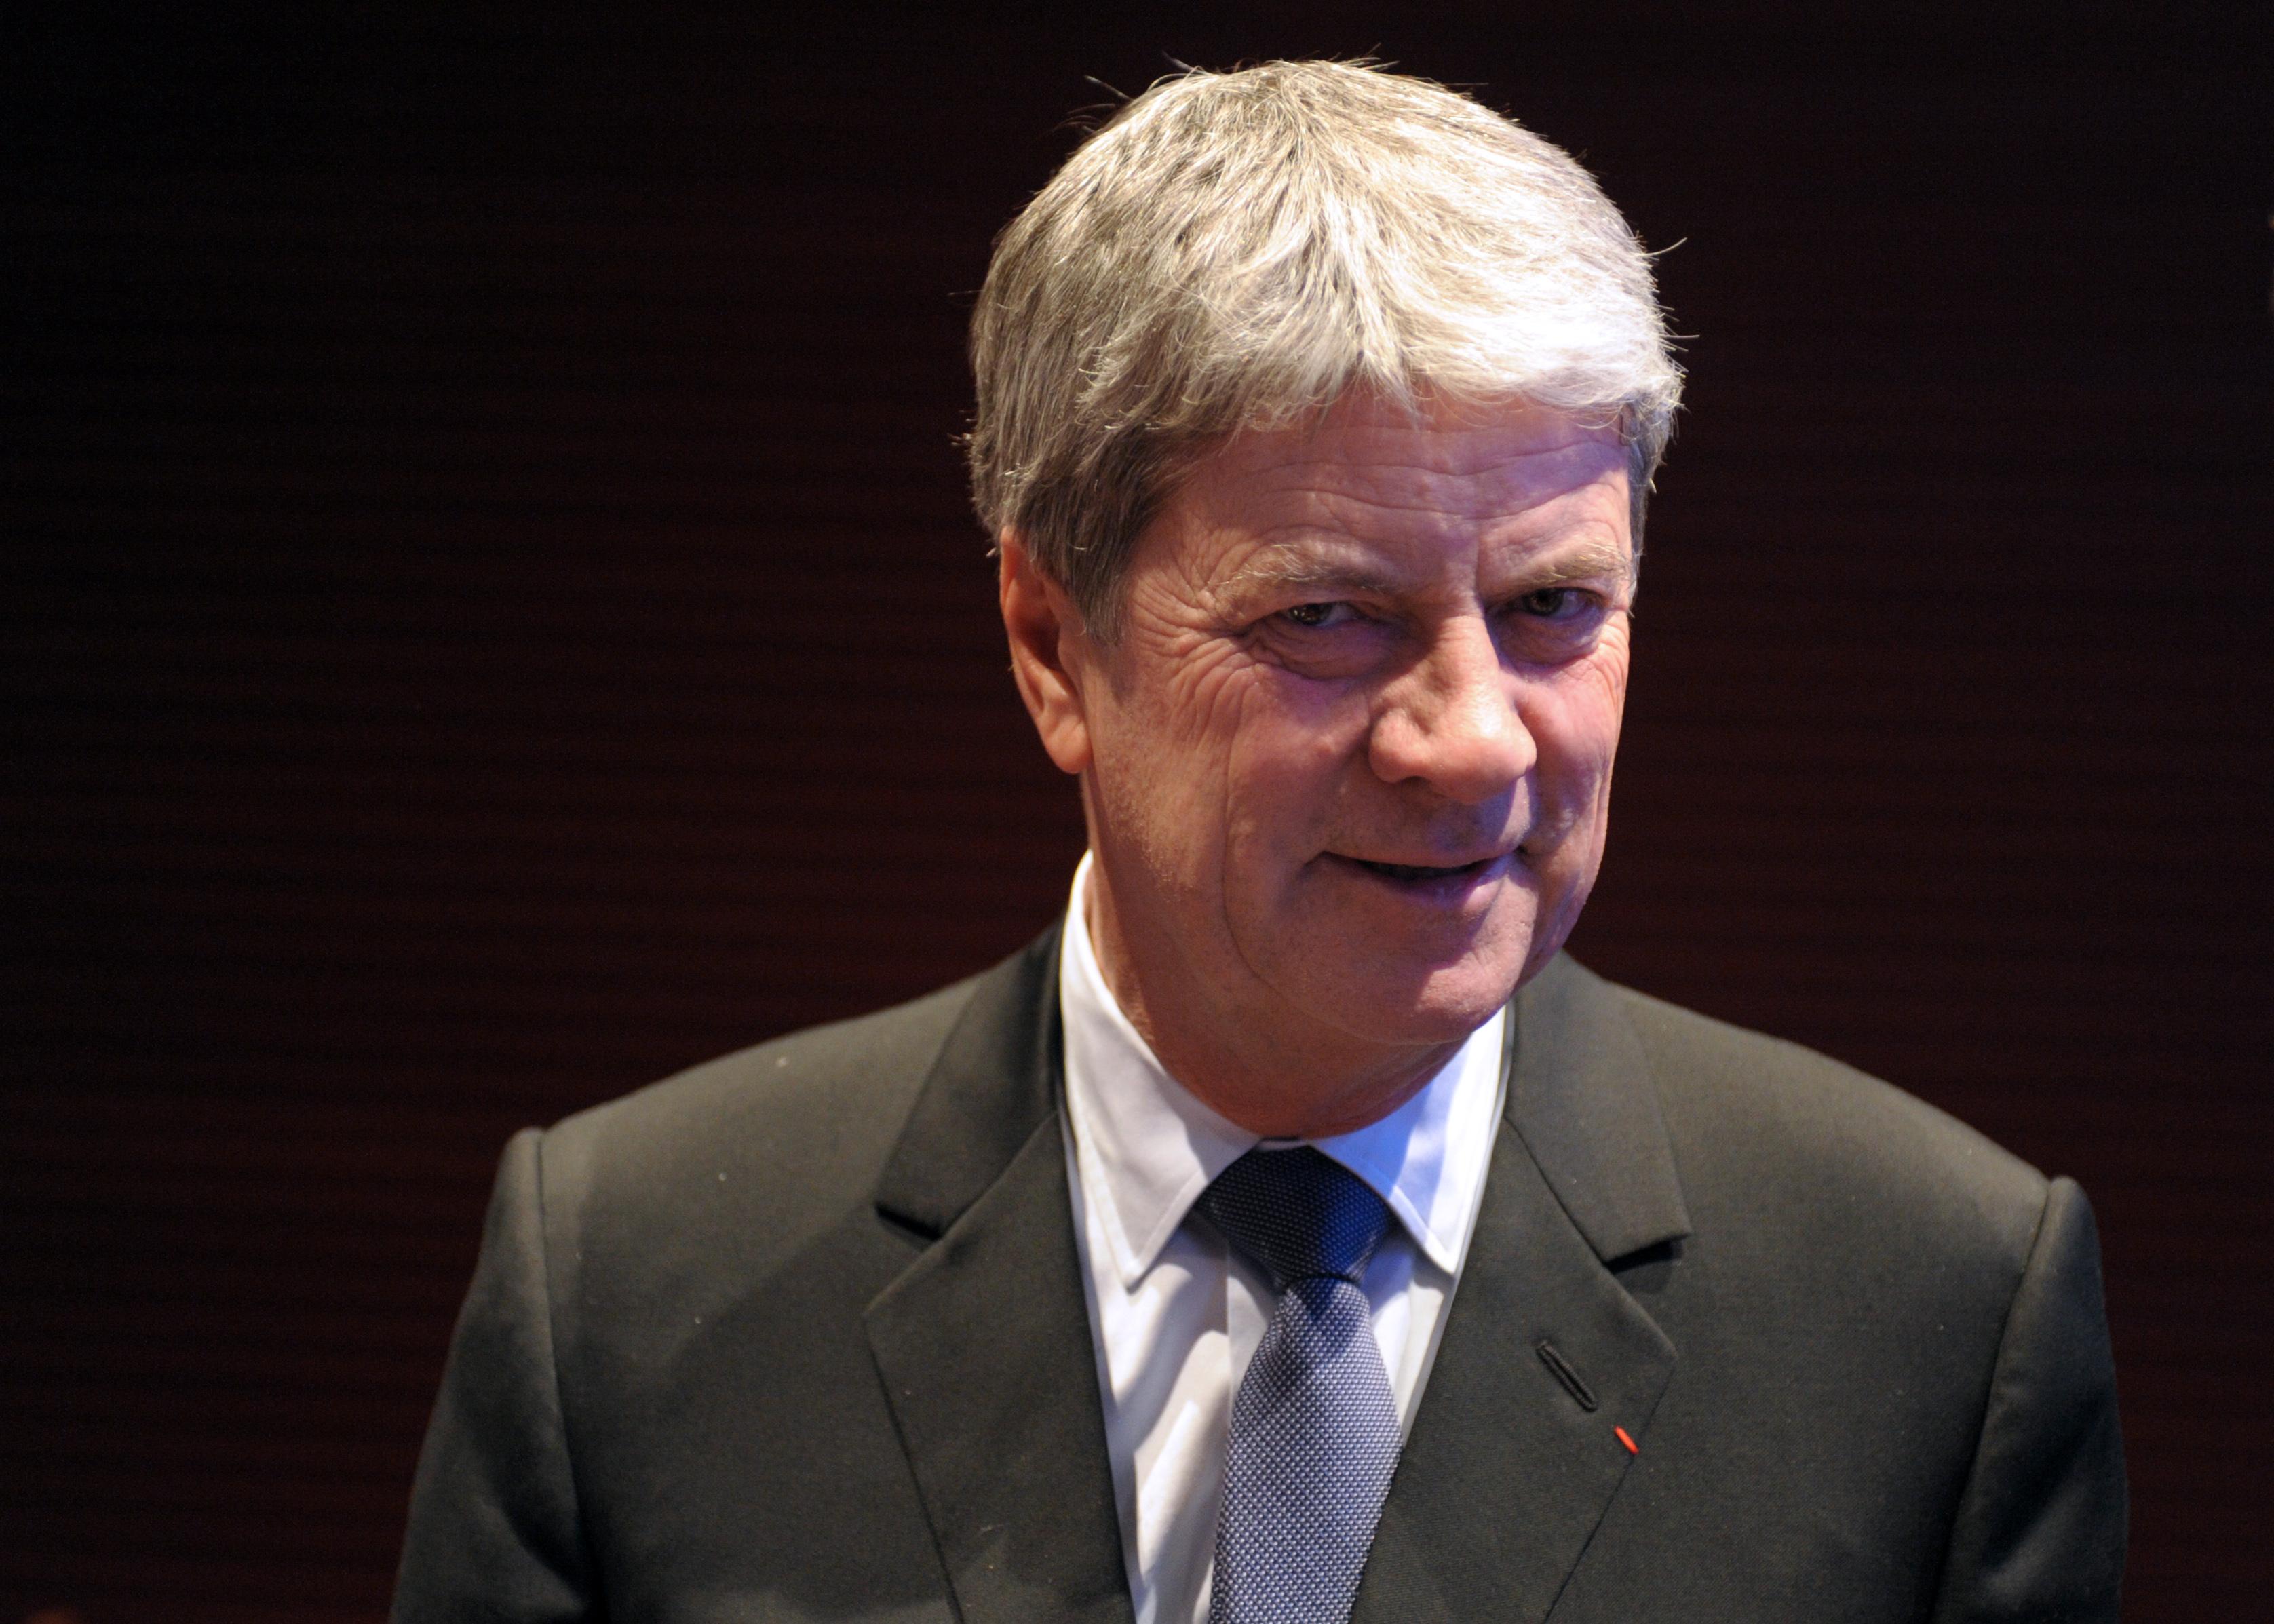 E' morto Yves Carcelle, ex Presidente di Louis Vuitton